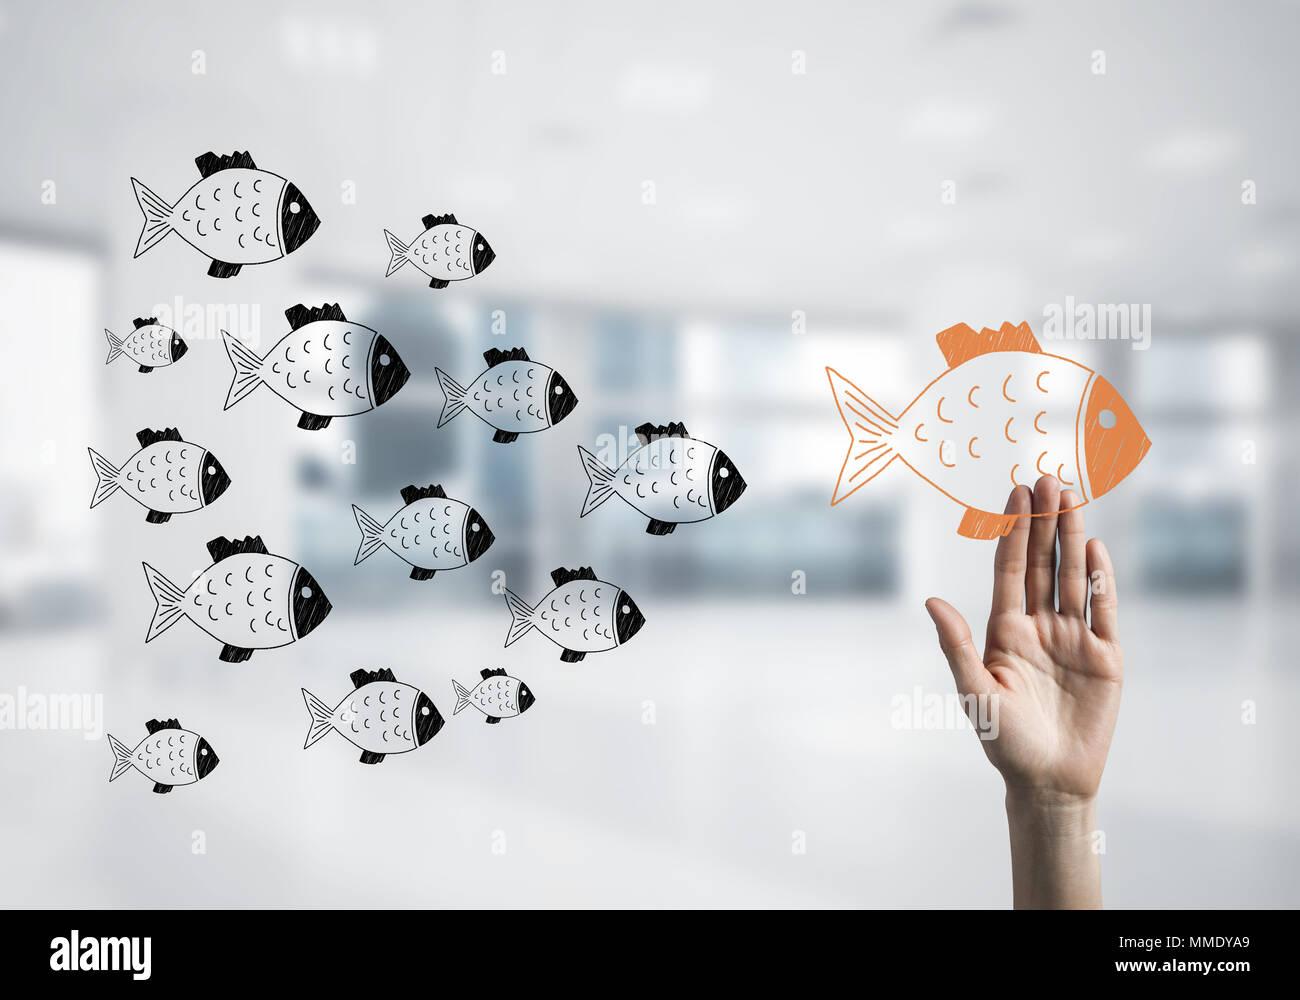 Concepto de liderazgo y teamworking con muchos iconos y uno de Imagen De Stock